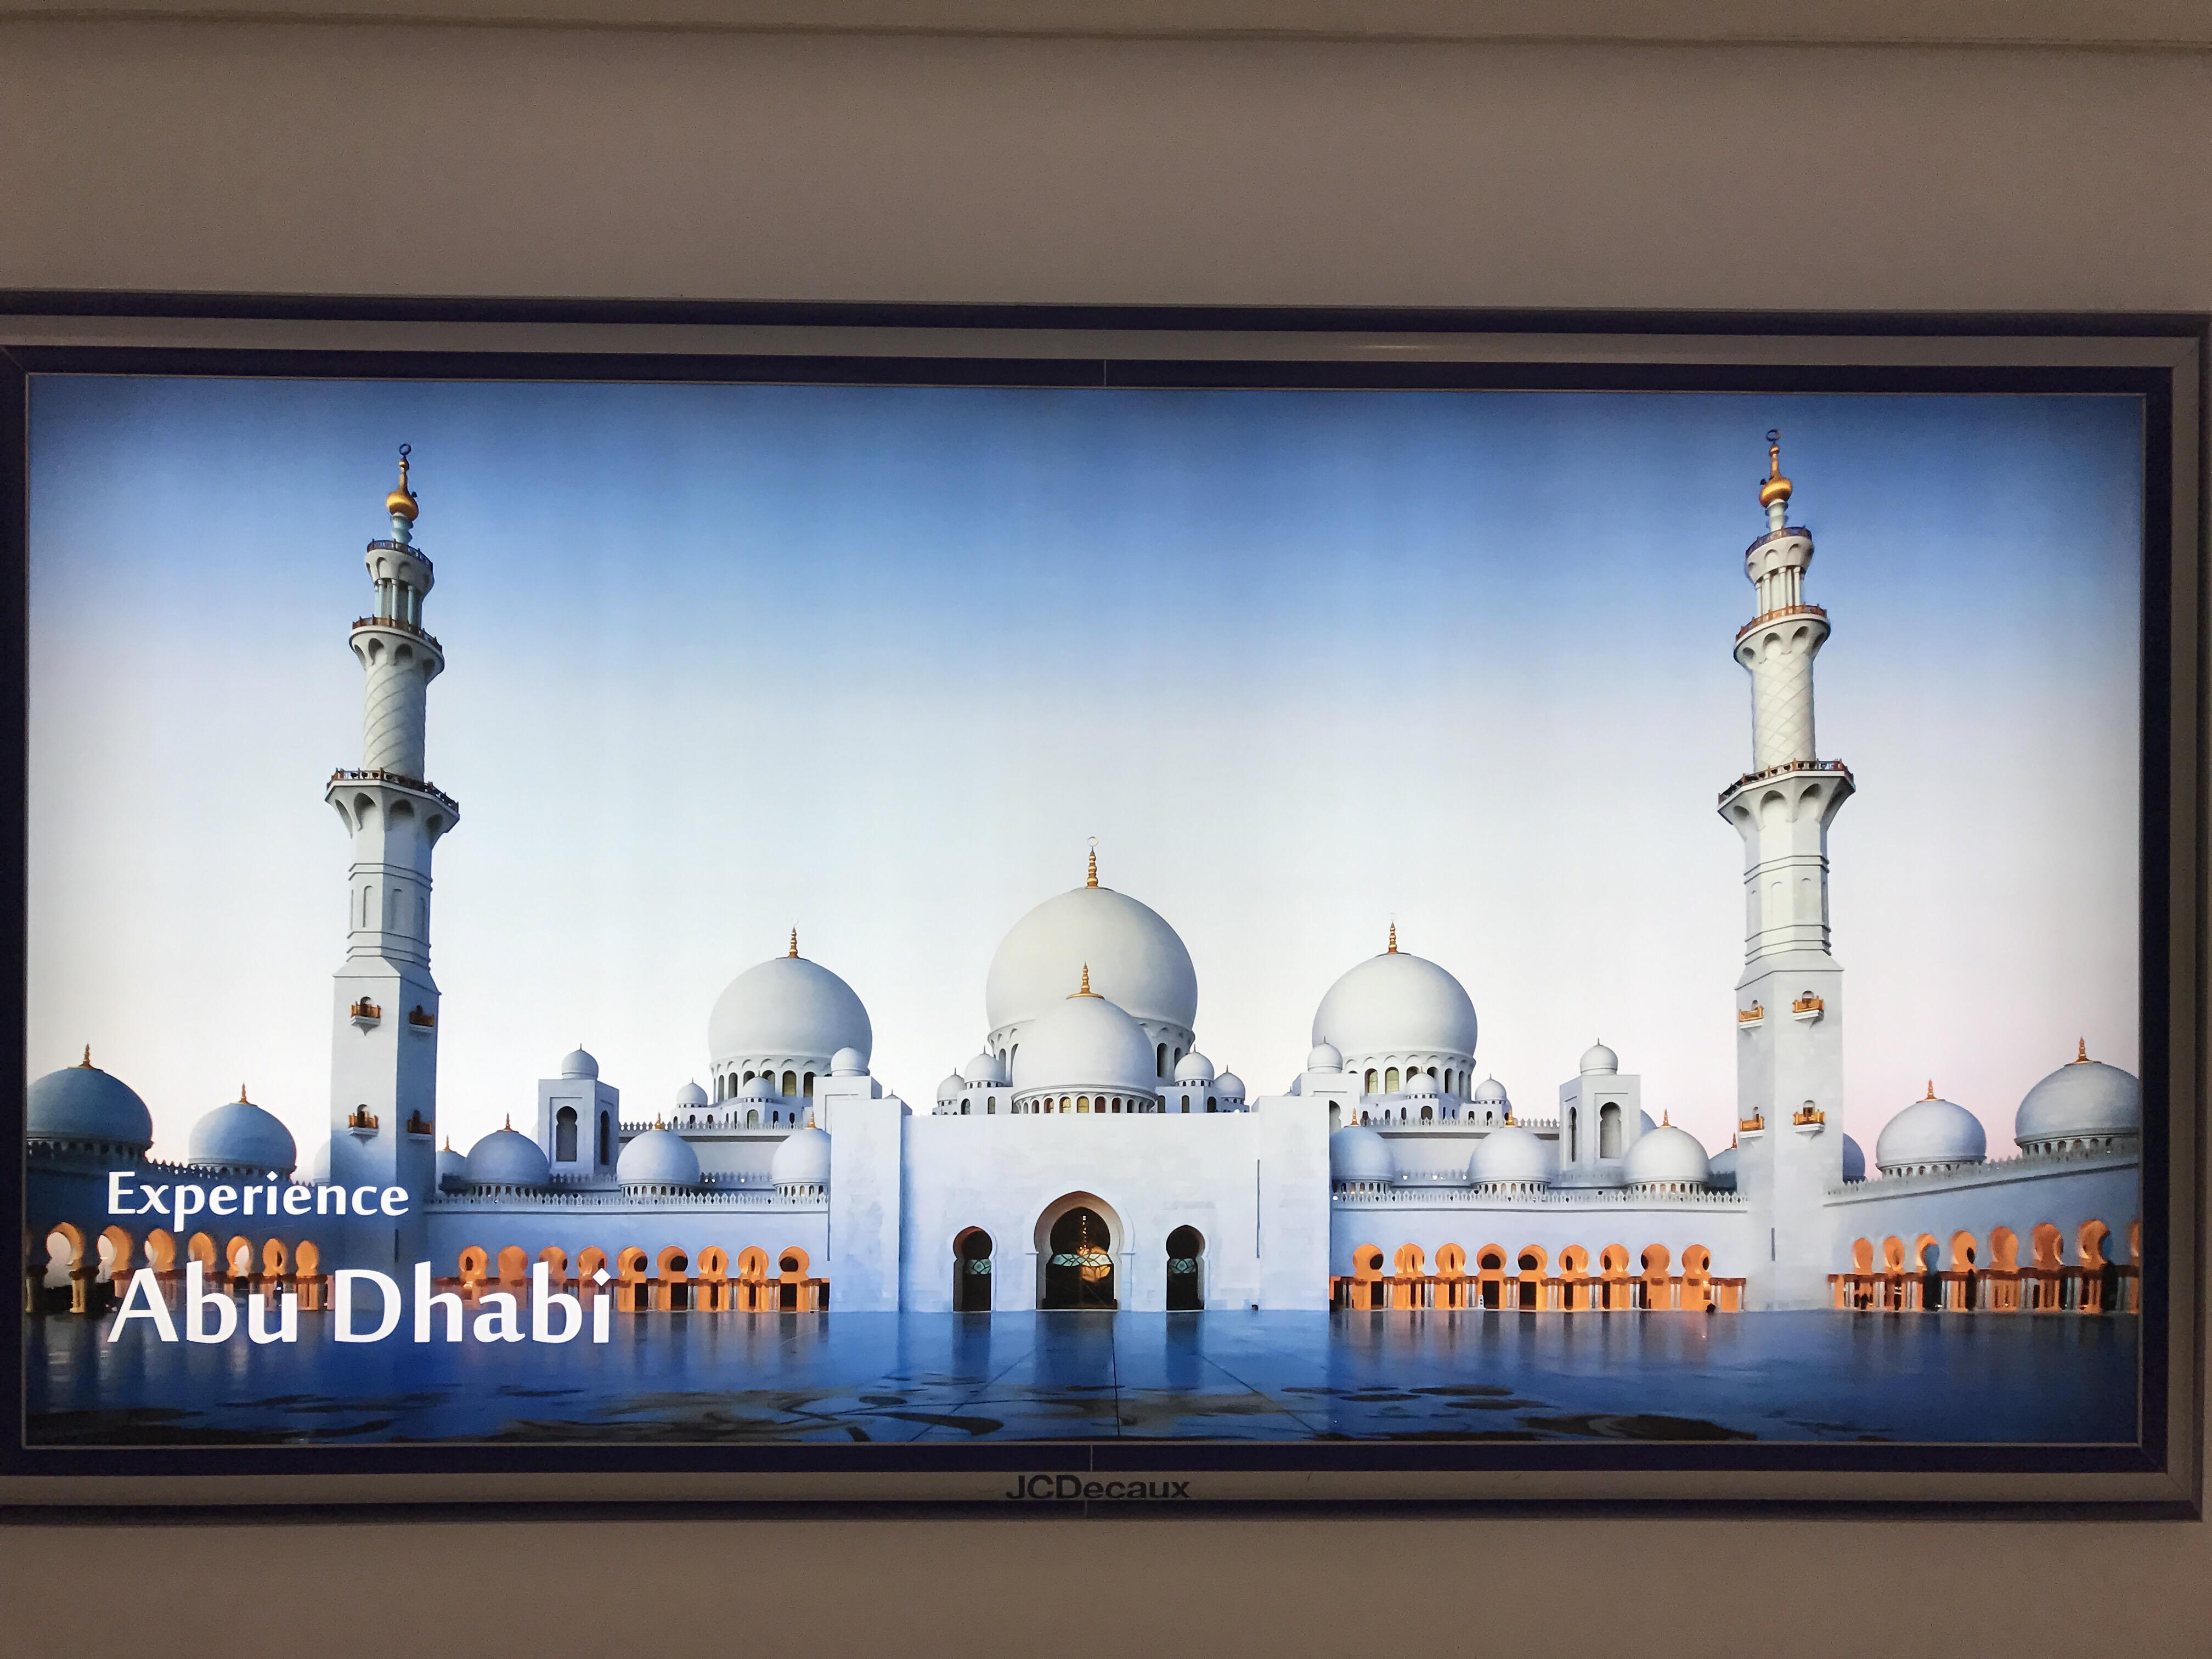 Back in Abu Dhabi